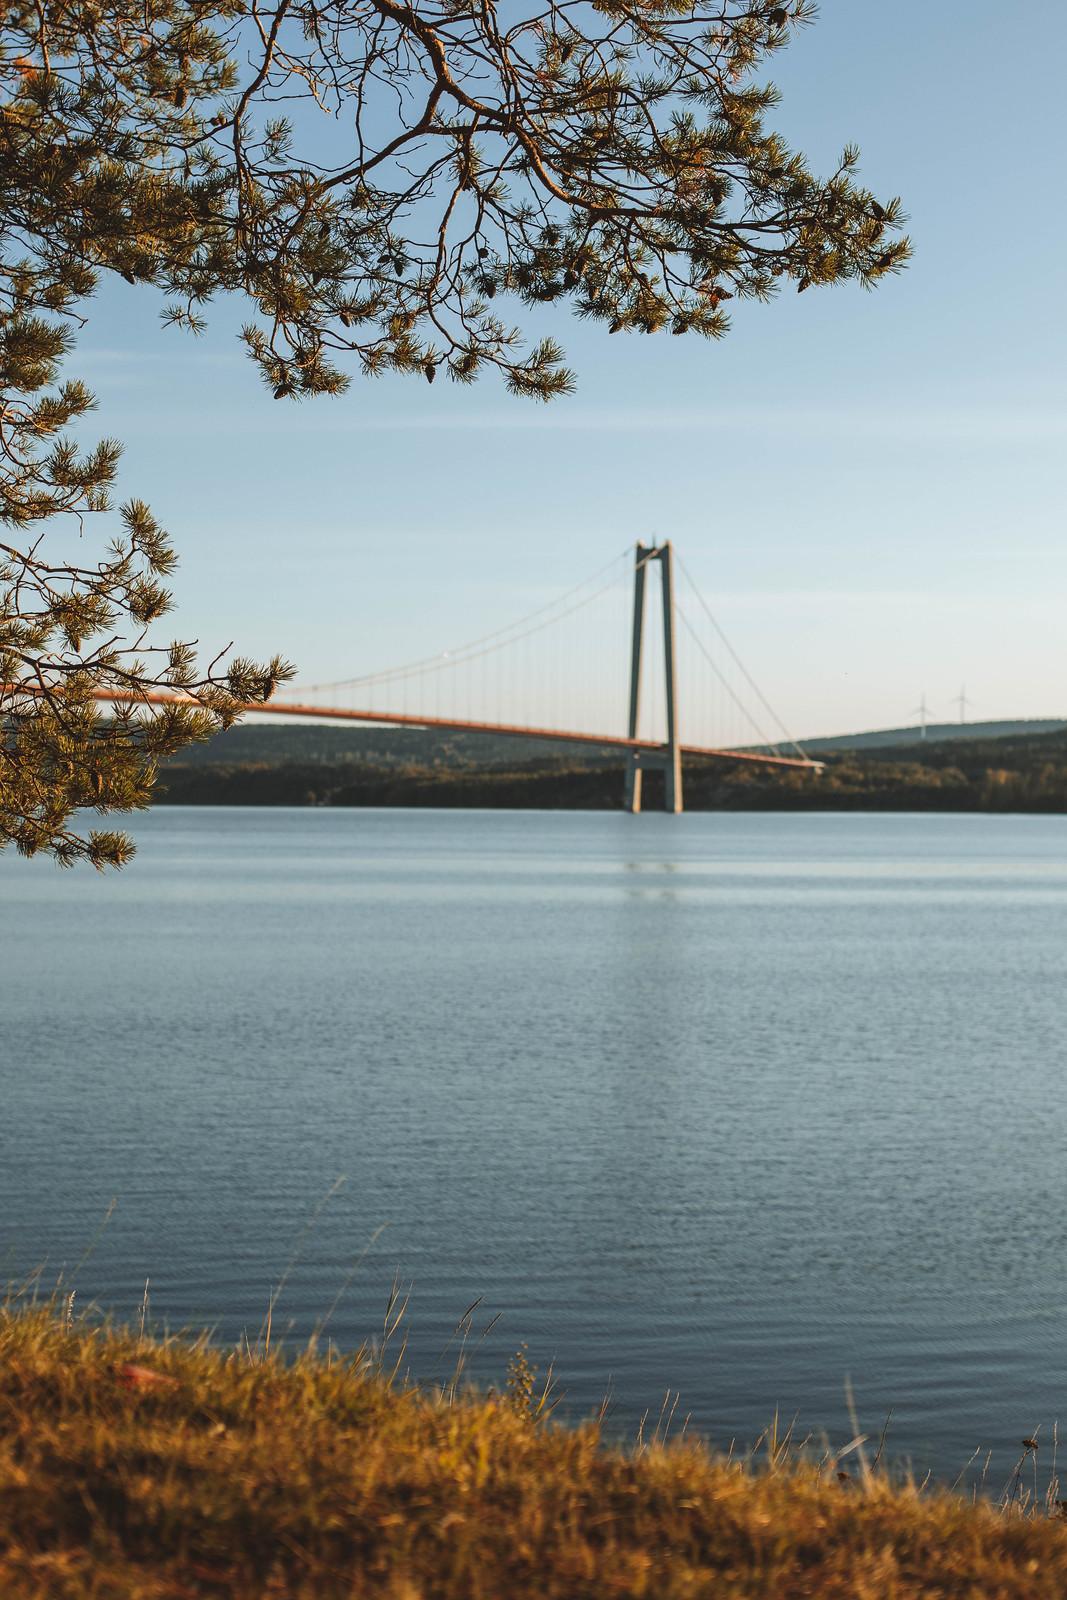 190926 - Årets Landsbyggare